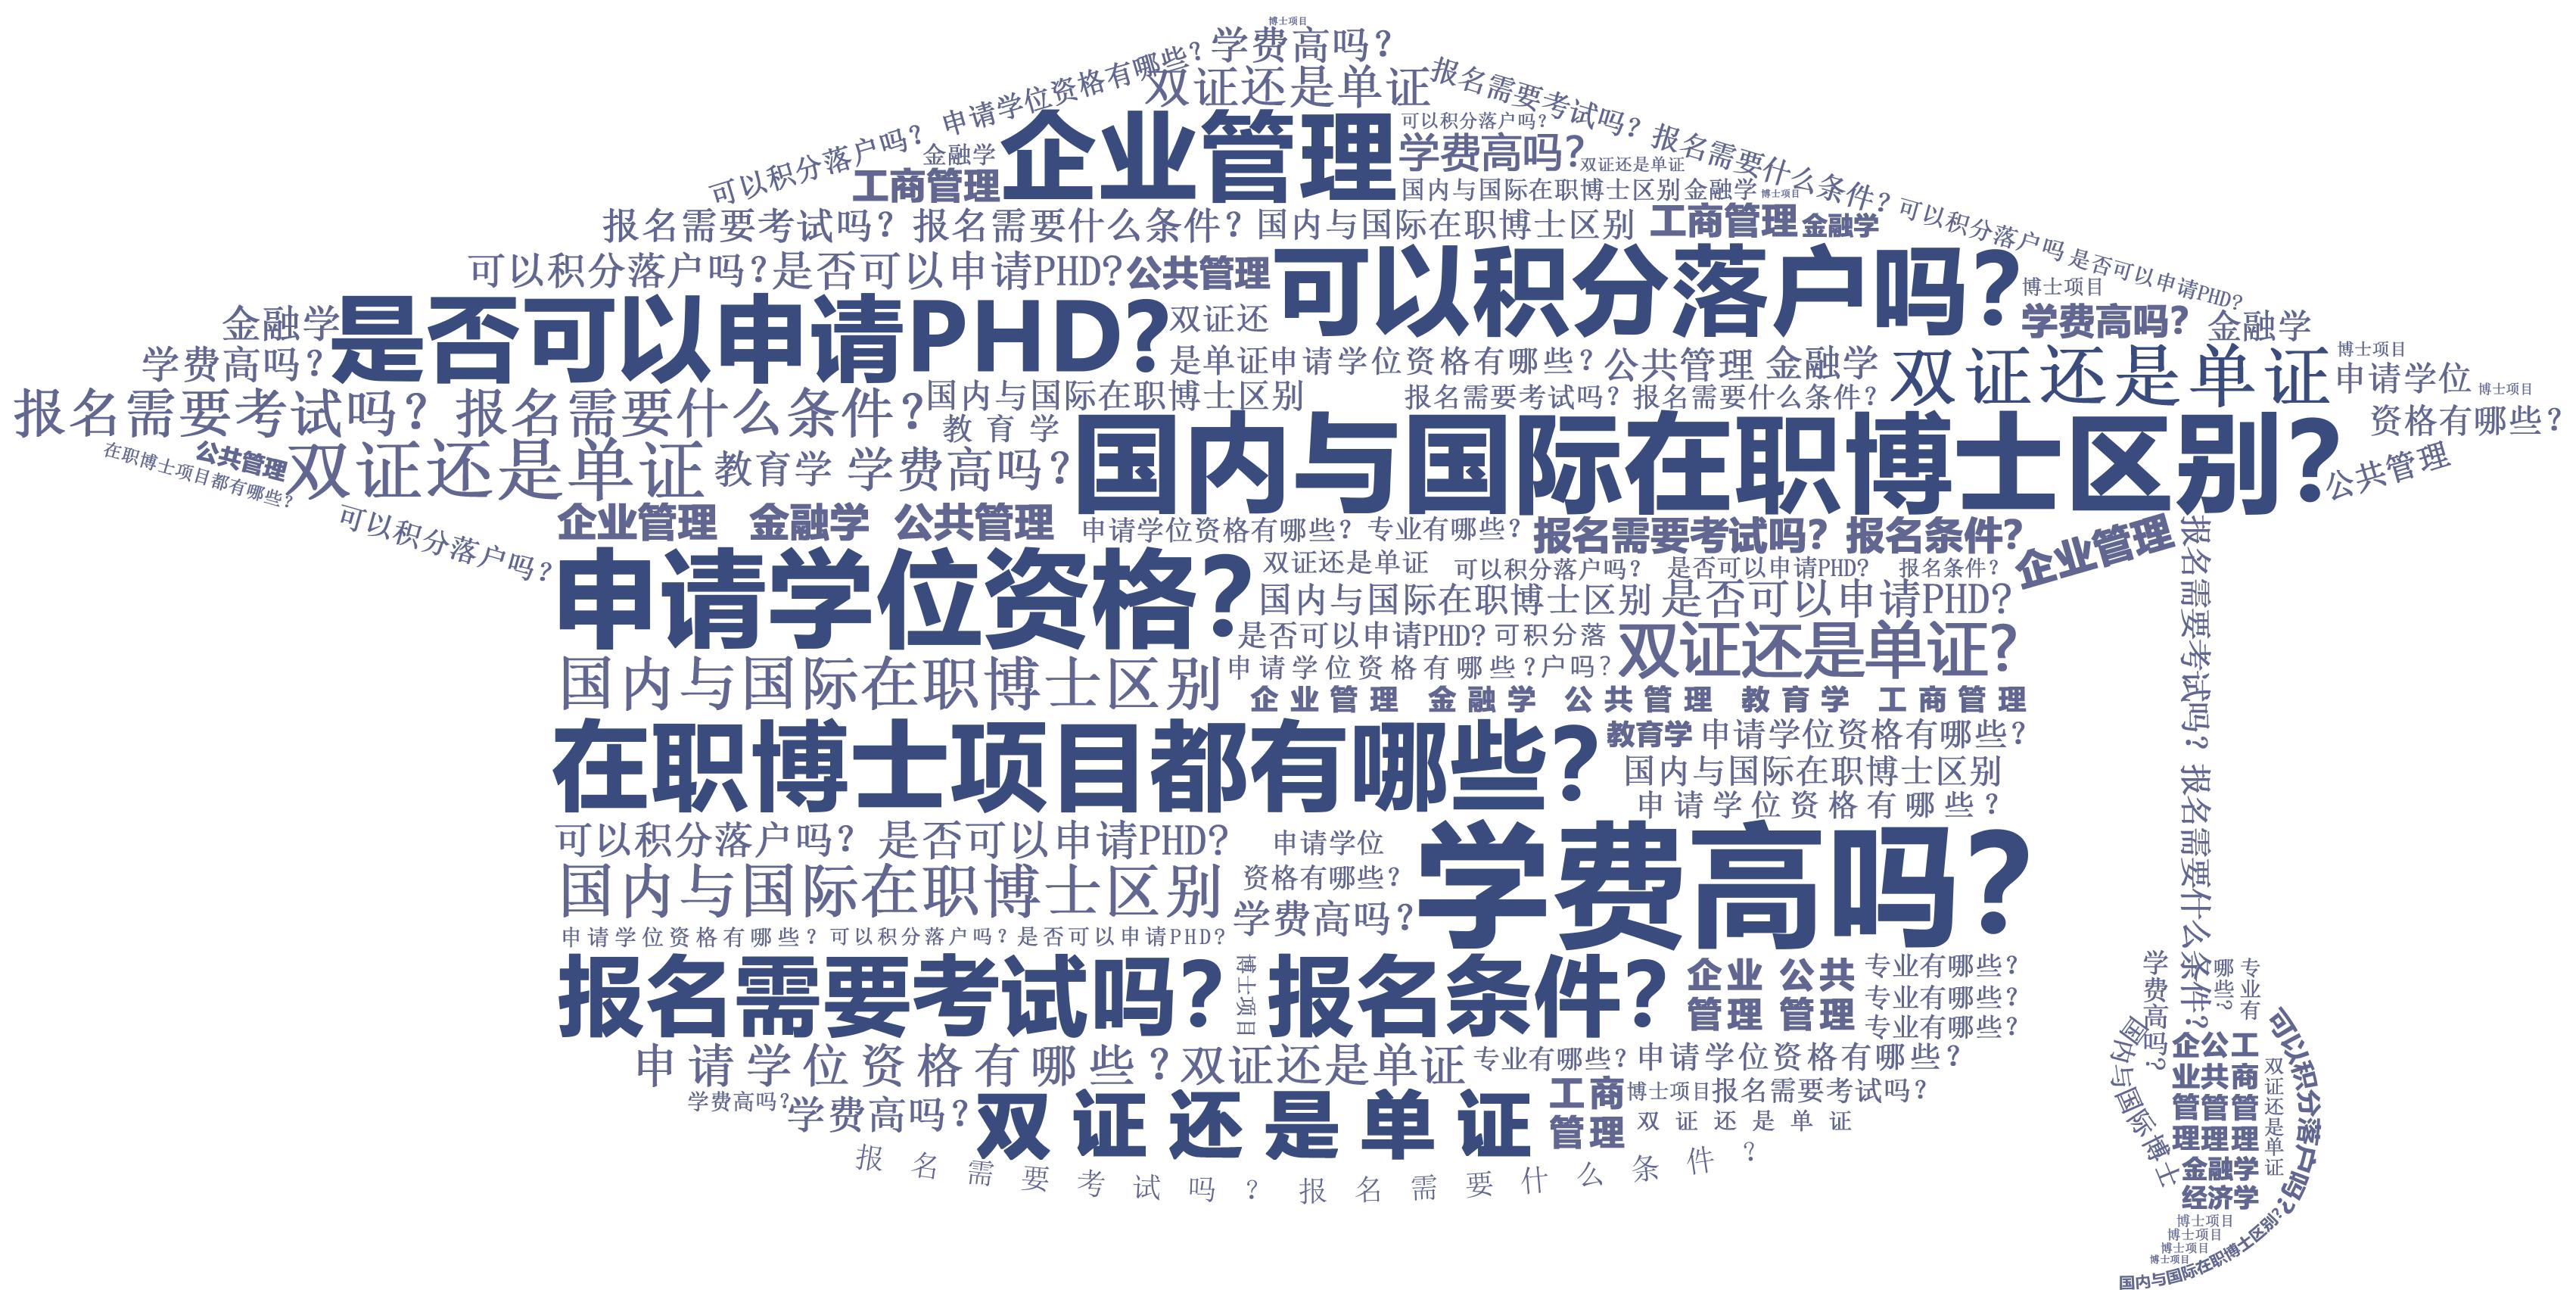 中国社会科学院研究生院在职博士